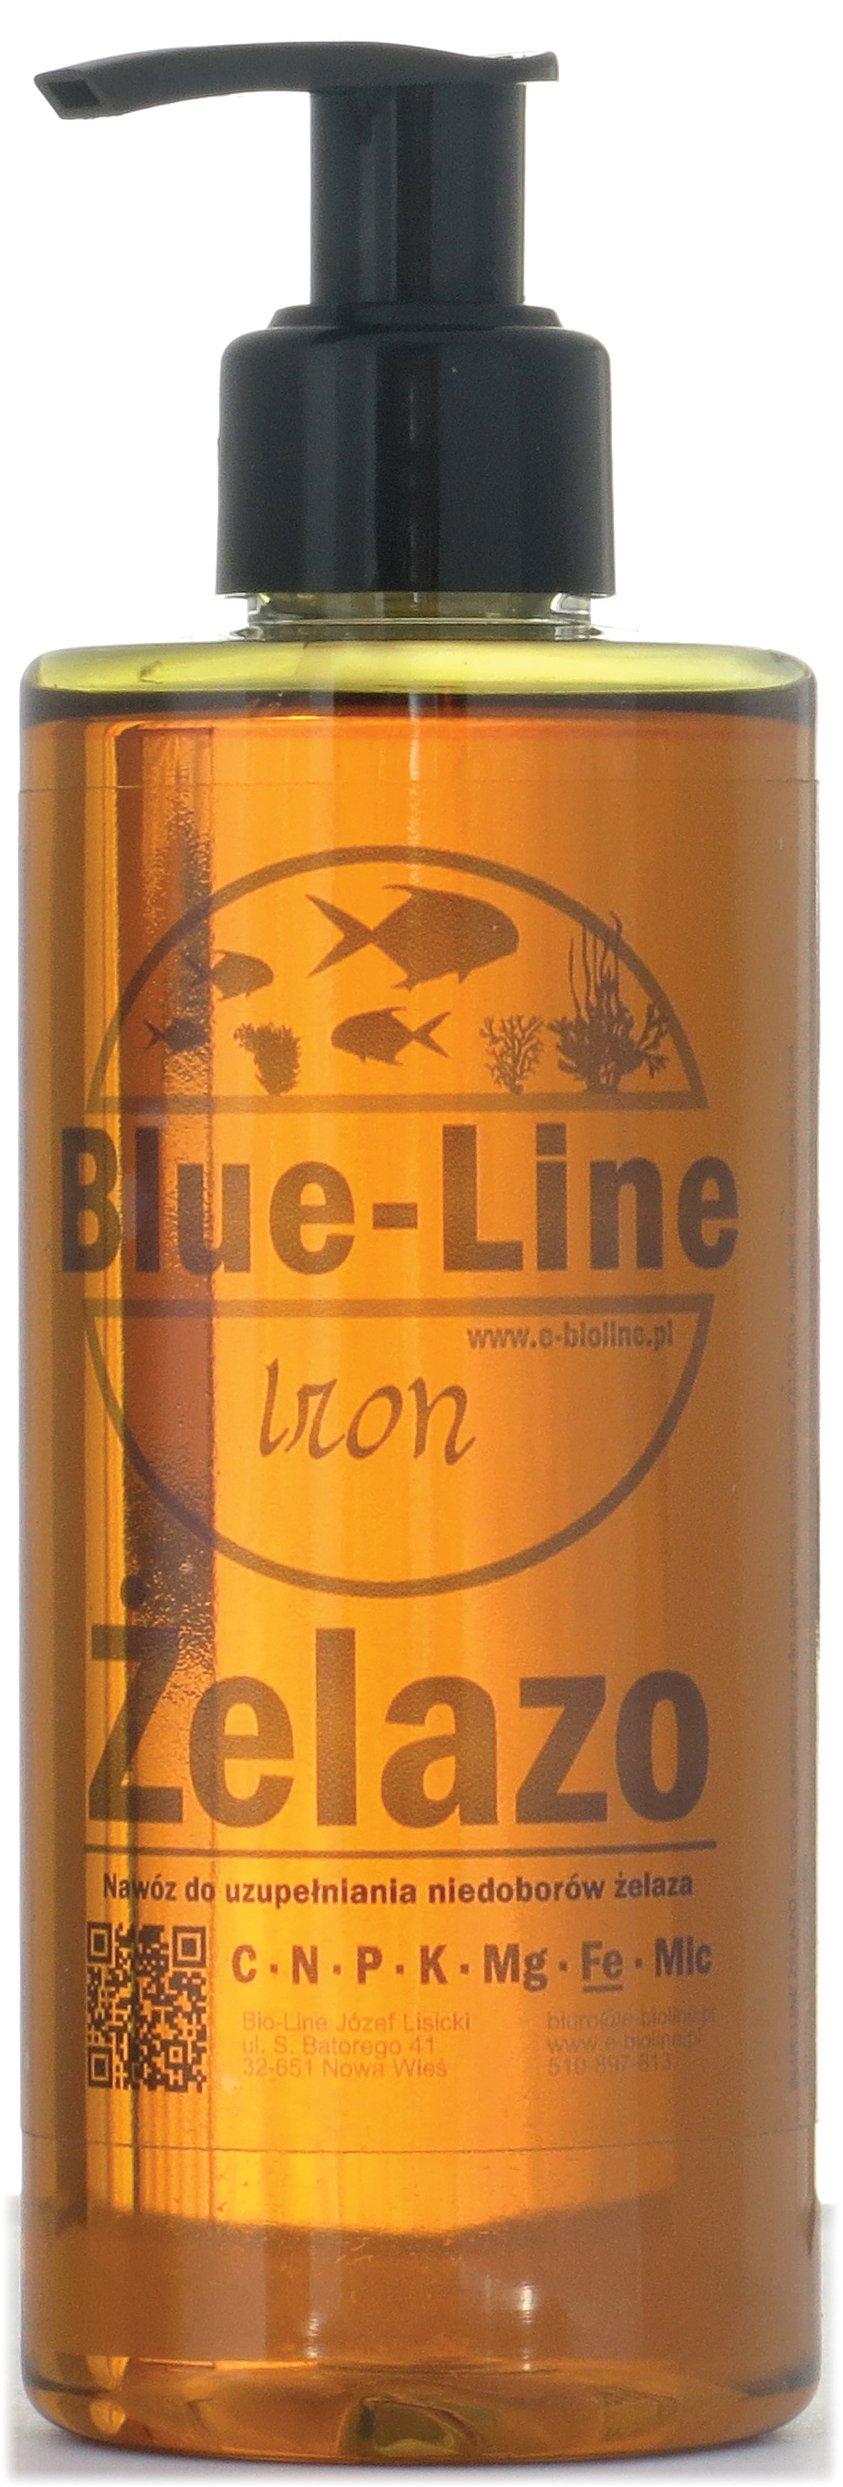 удобрение железо от Blue-Line - чистое ЖЕЛЕЗО, 500 мл